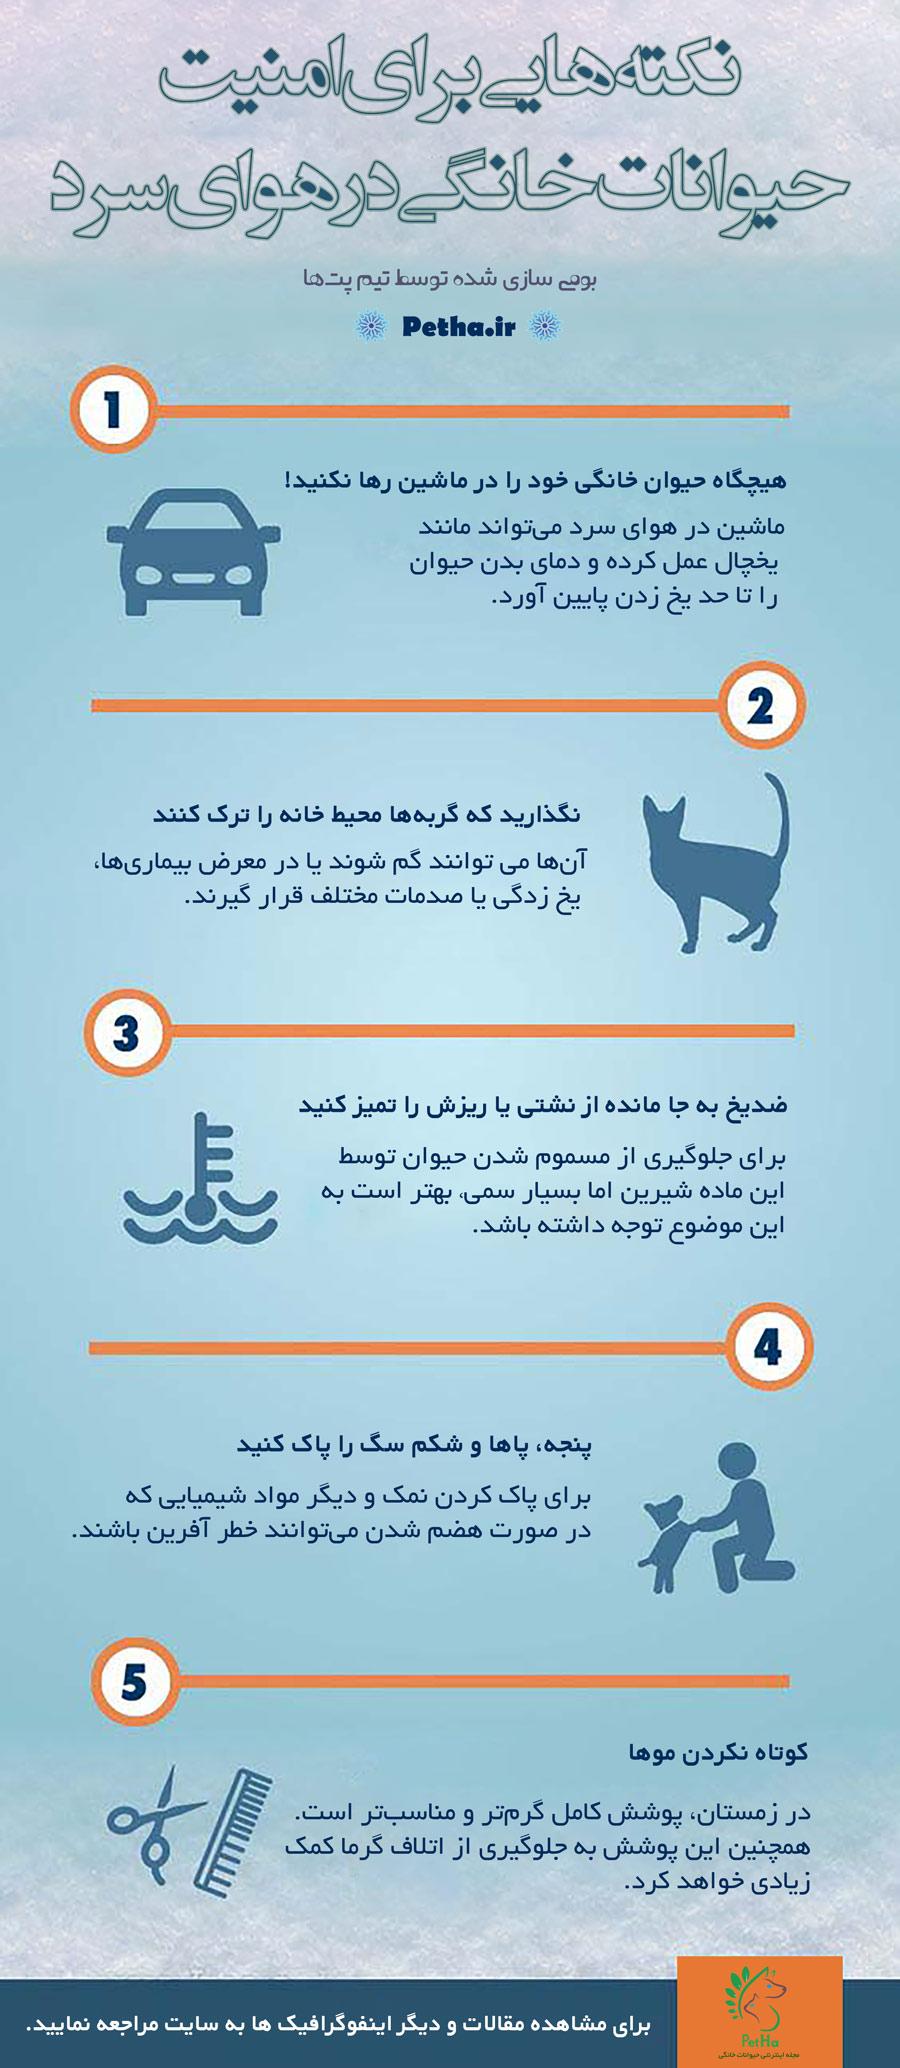 امنیت حیوانات در هوای سرد